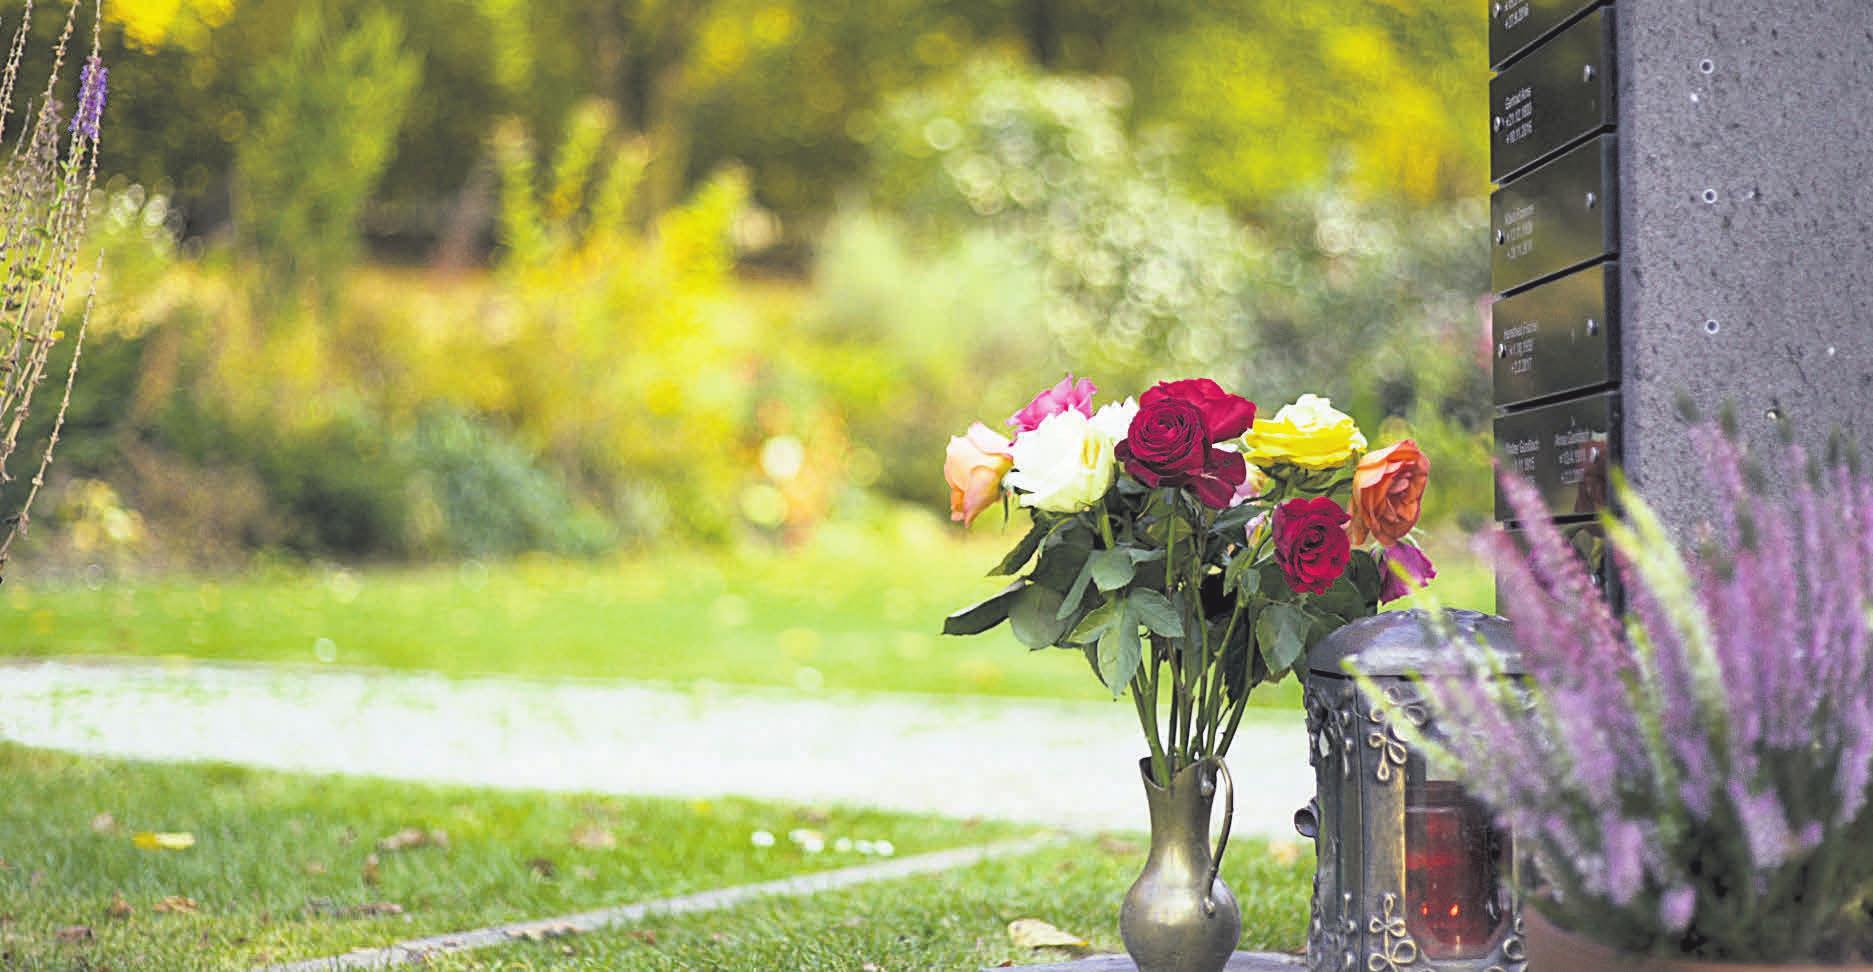 Mithilfe einer Bestattungsverfügung kann festgelegt werden, wie die Beerdigung erfolgen soll. Foto: Deutsche Friedhofsgesellschaft/akz-o